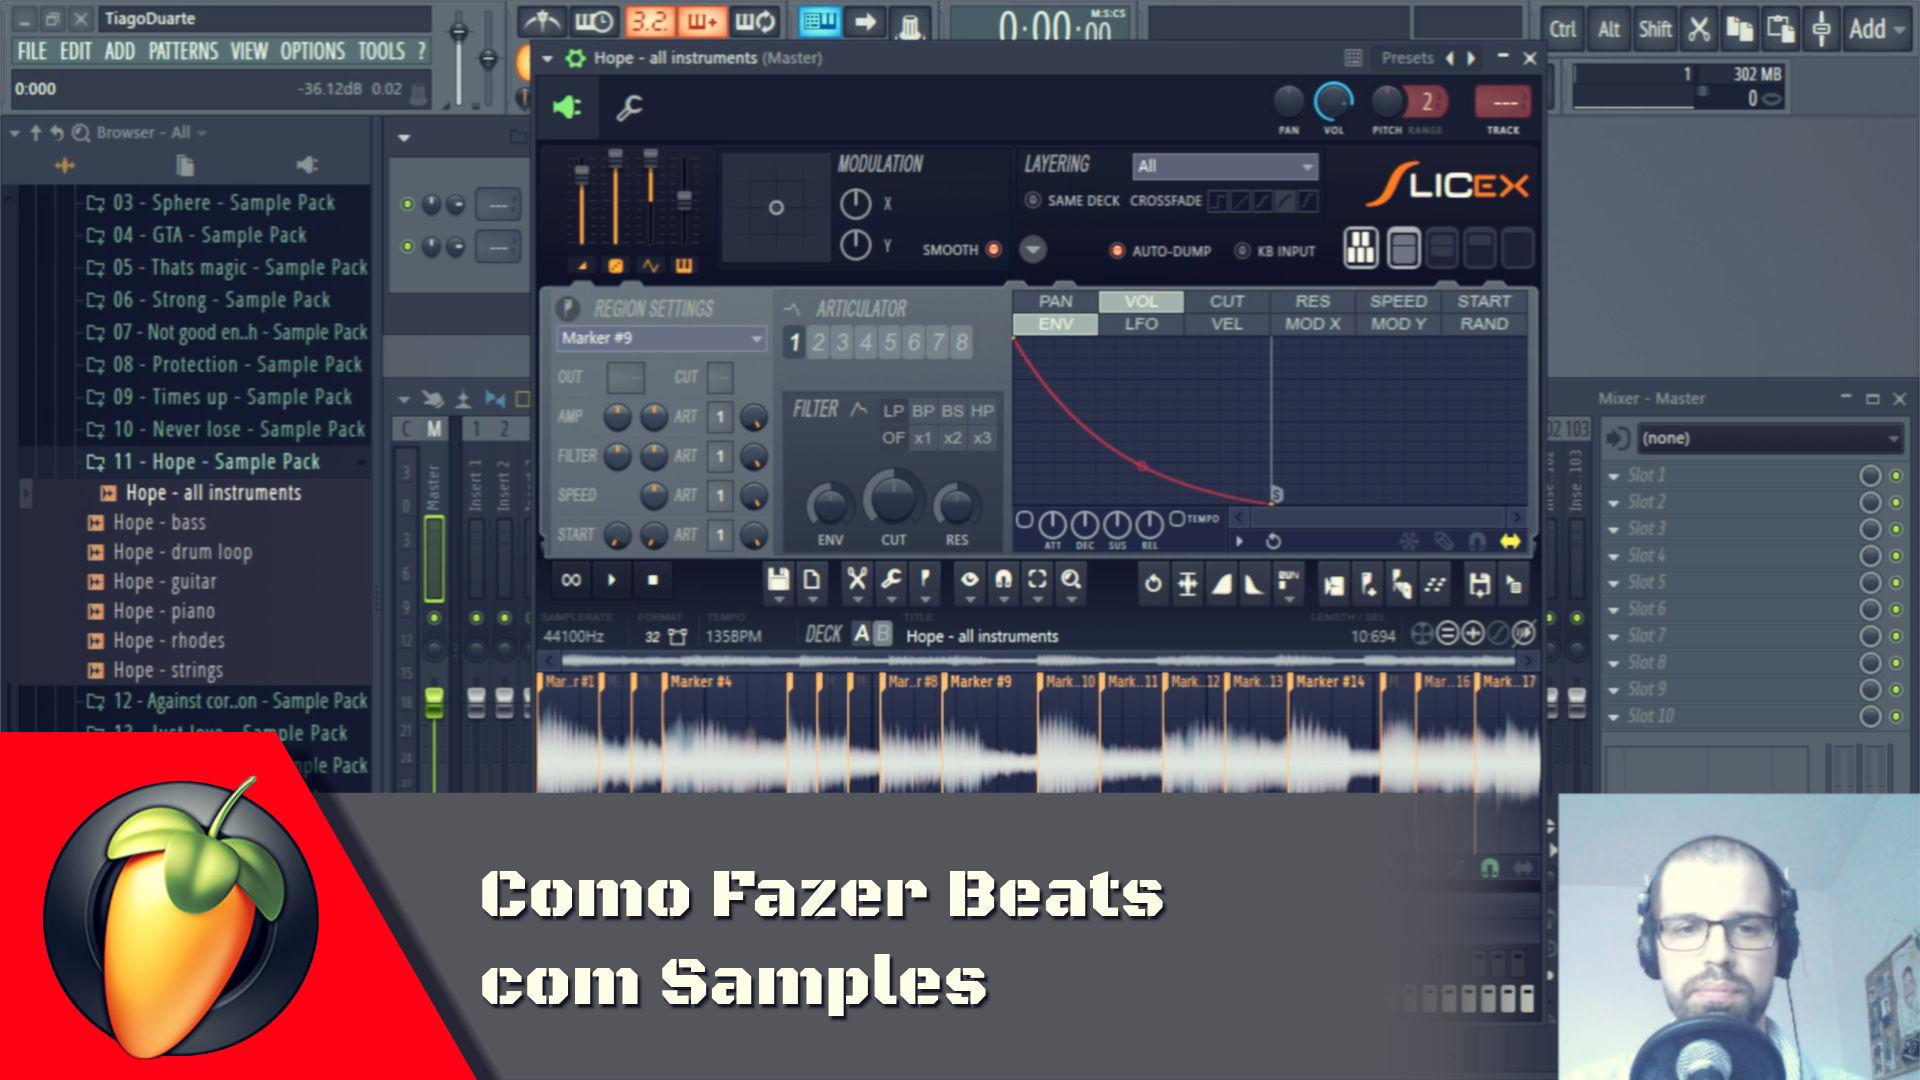 Como Fazer Beats com Samples